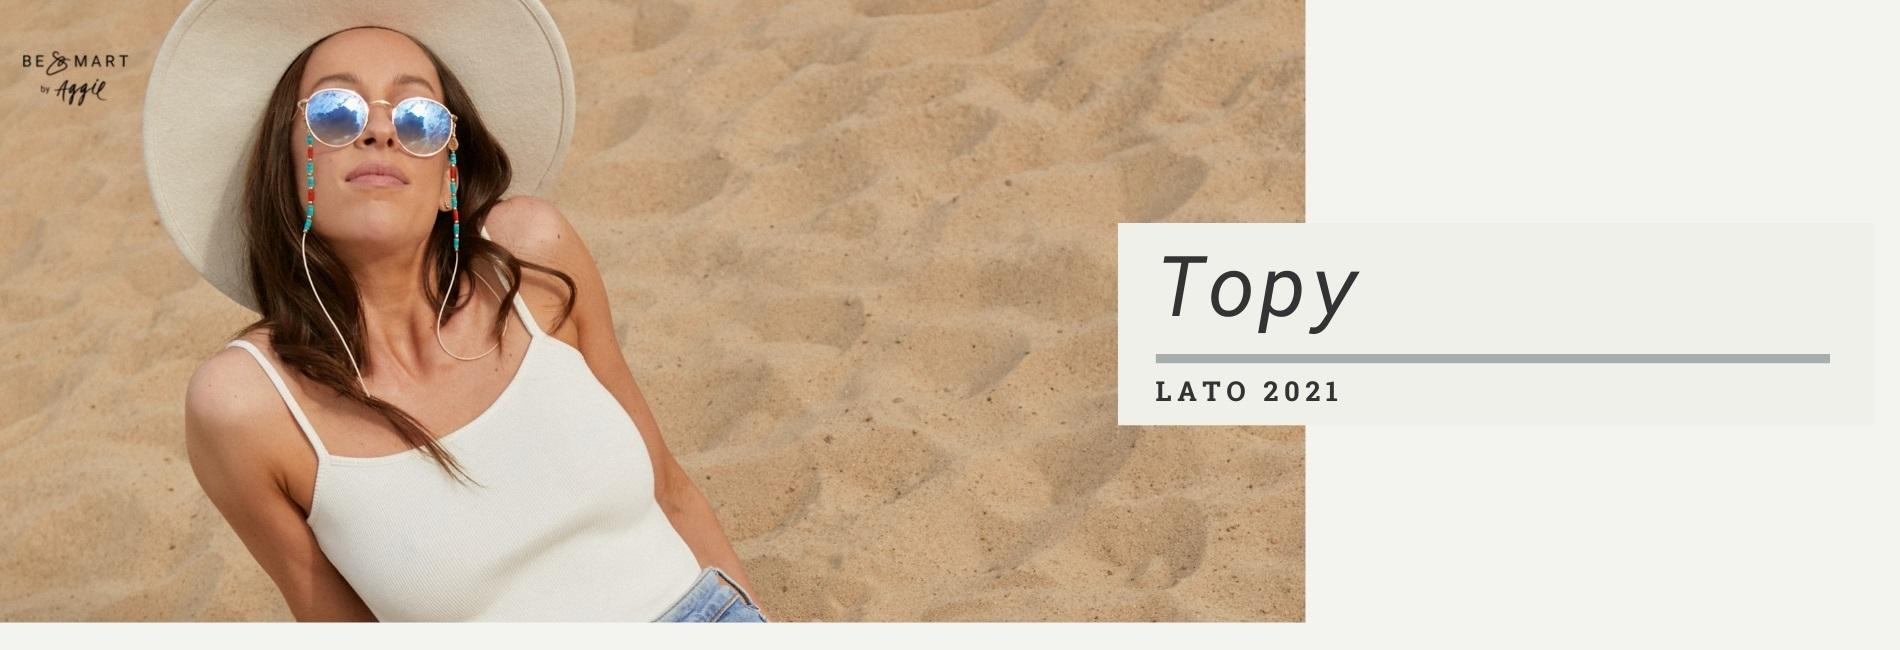 Topy - Lato 2021